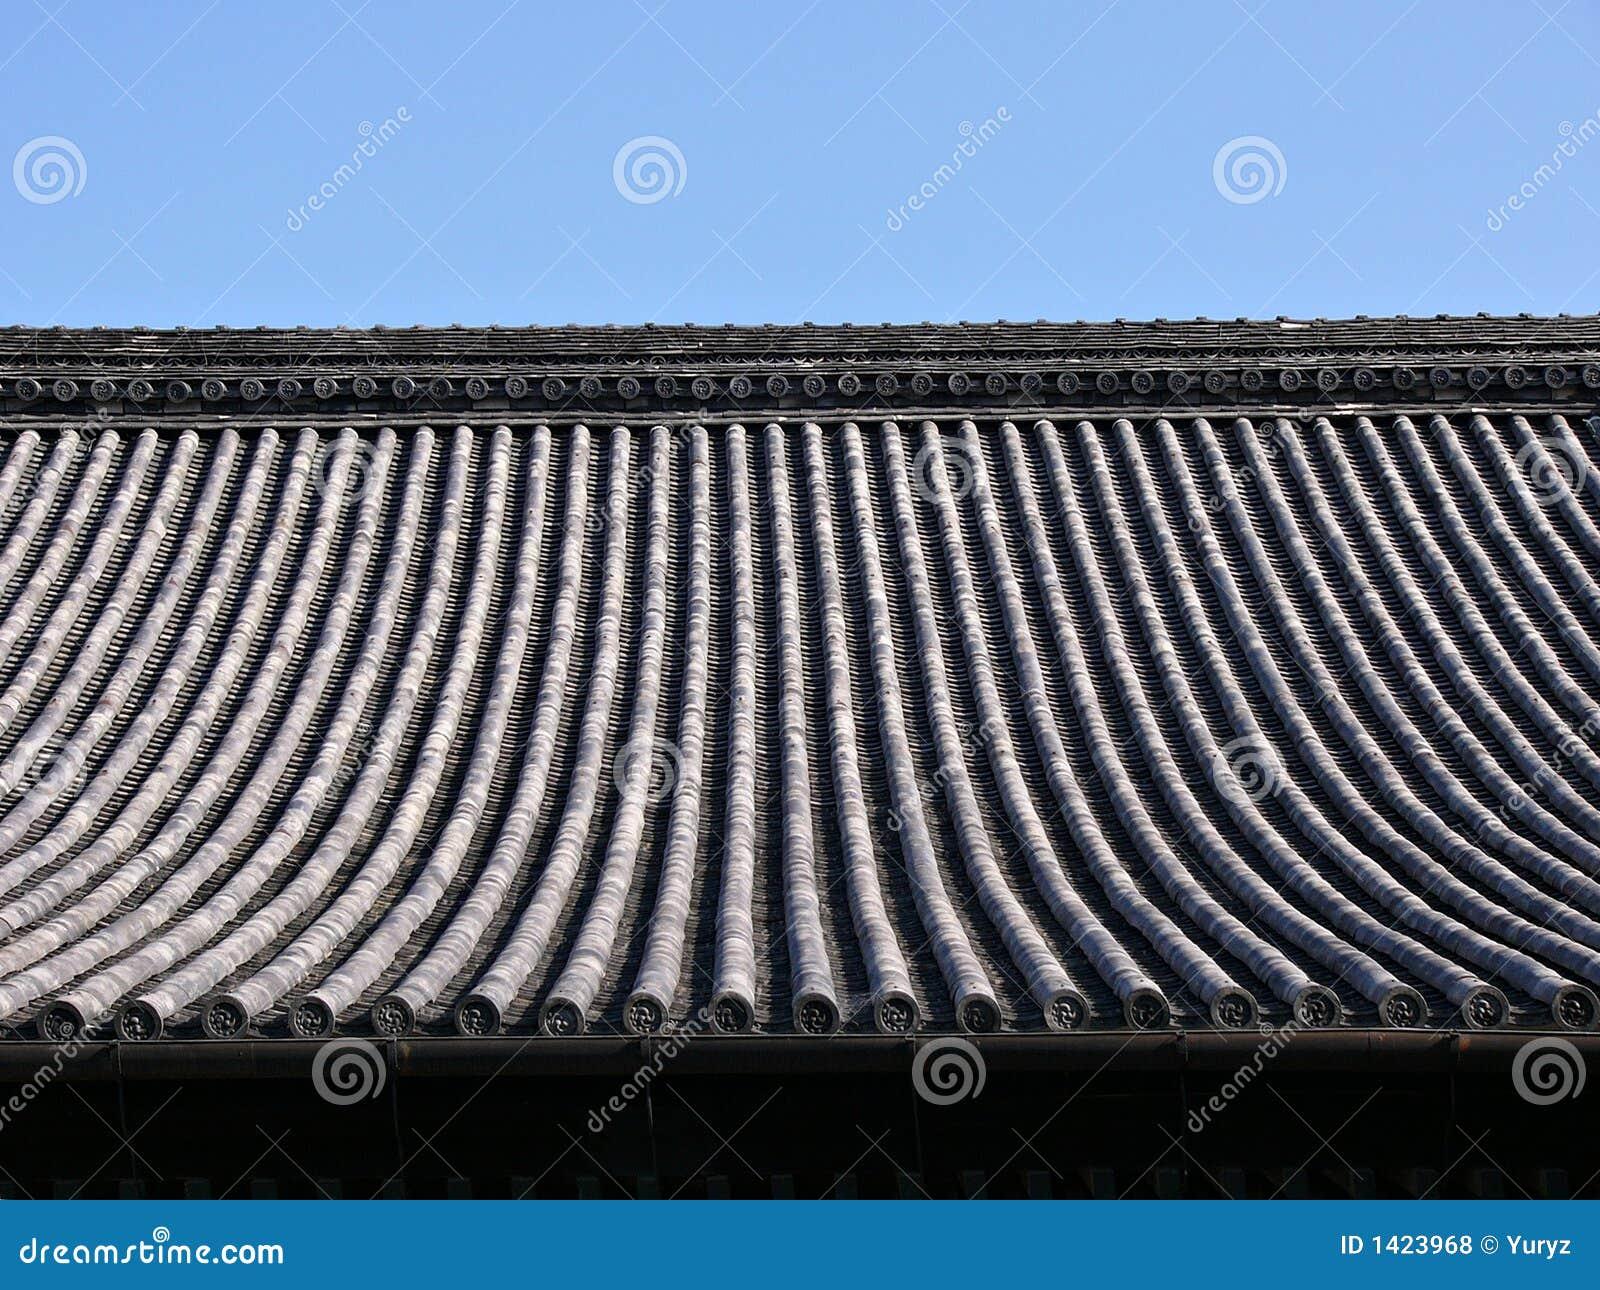 fond japonais de toit de temple photo stock image du bois japonais 1423968. Black Bedroom Furniture Sets. Home Design Ideas